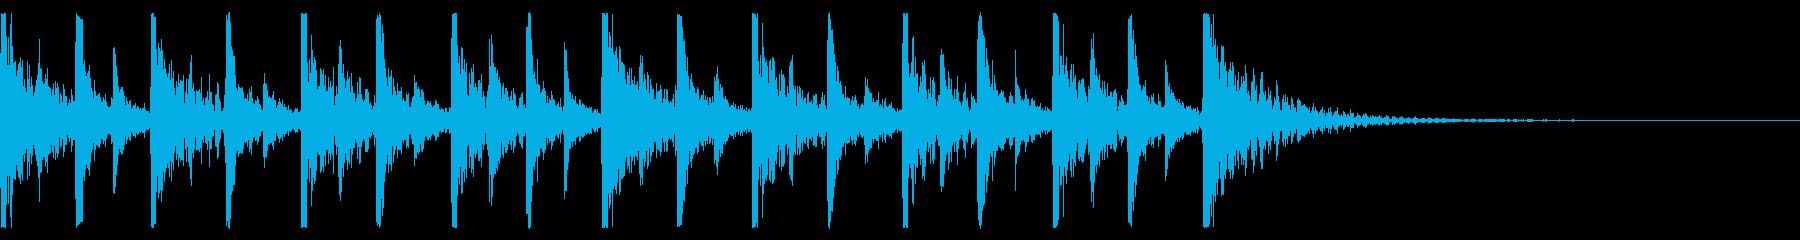 ドカドカと賑やかな打楽器のアンサンブル2の再生済みの波形